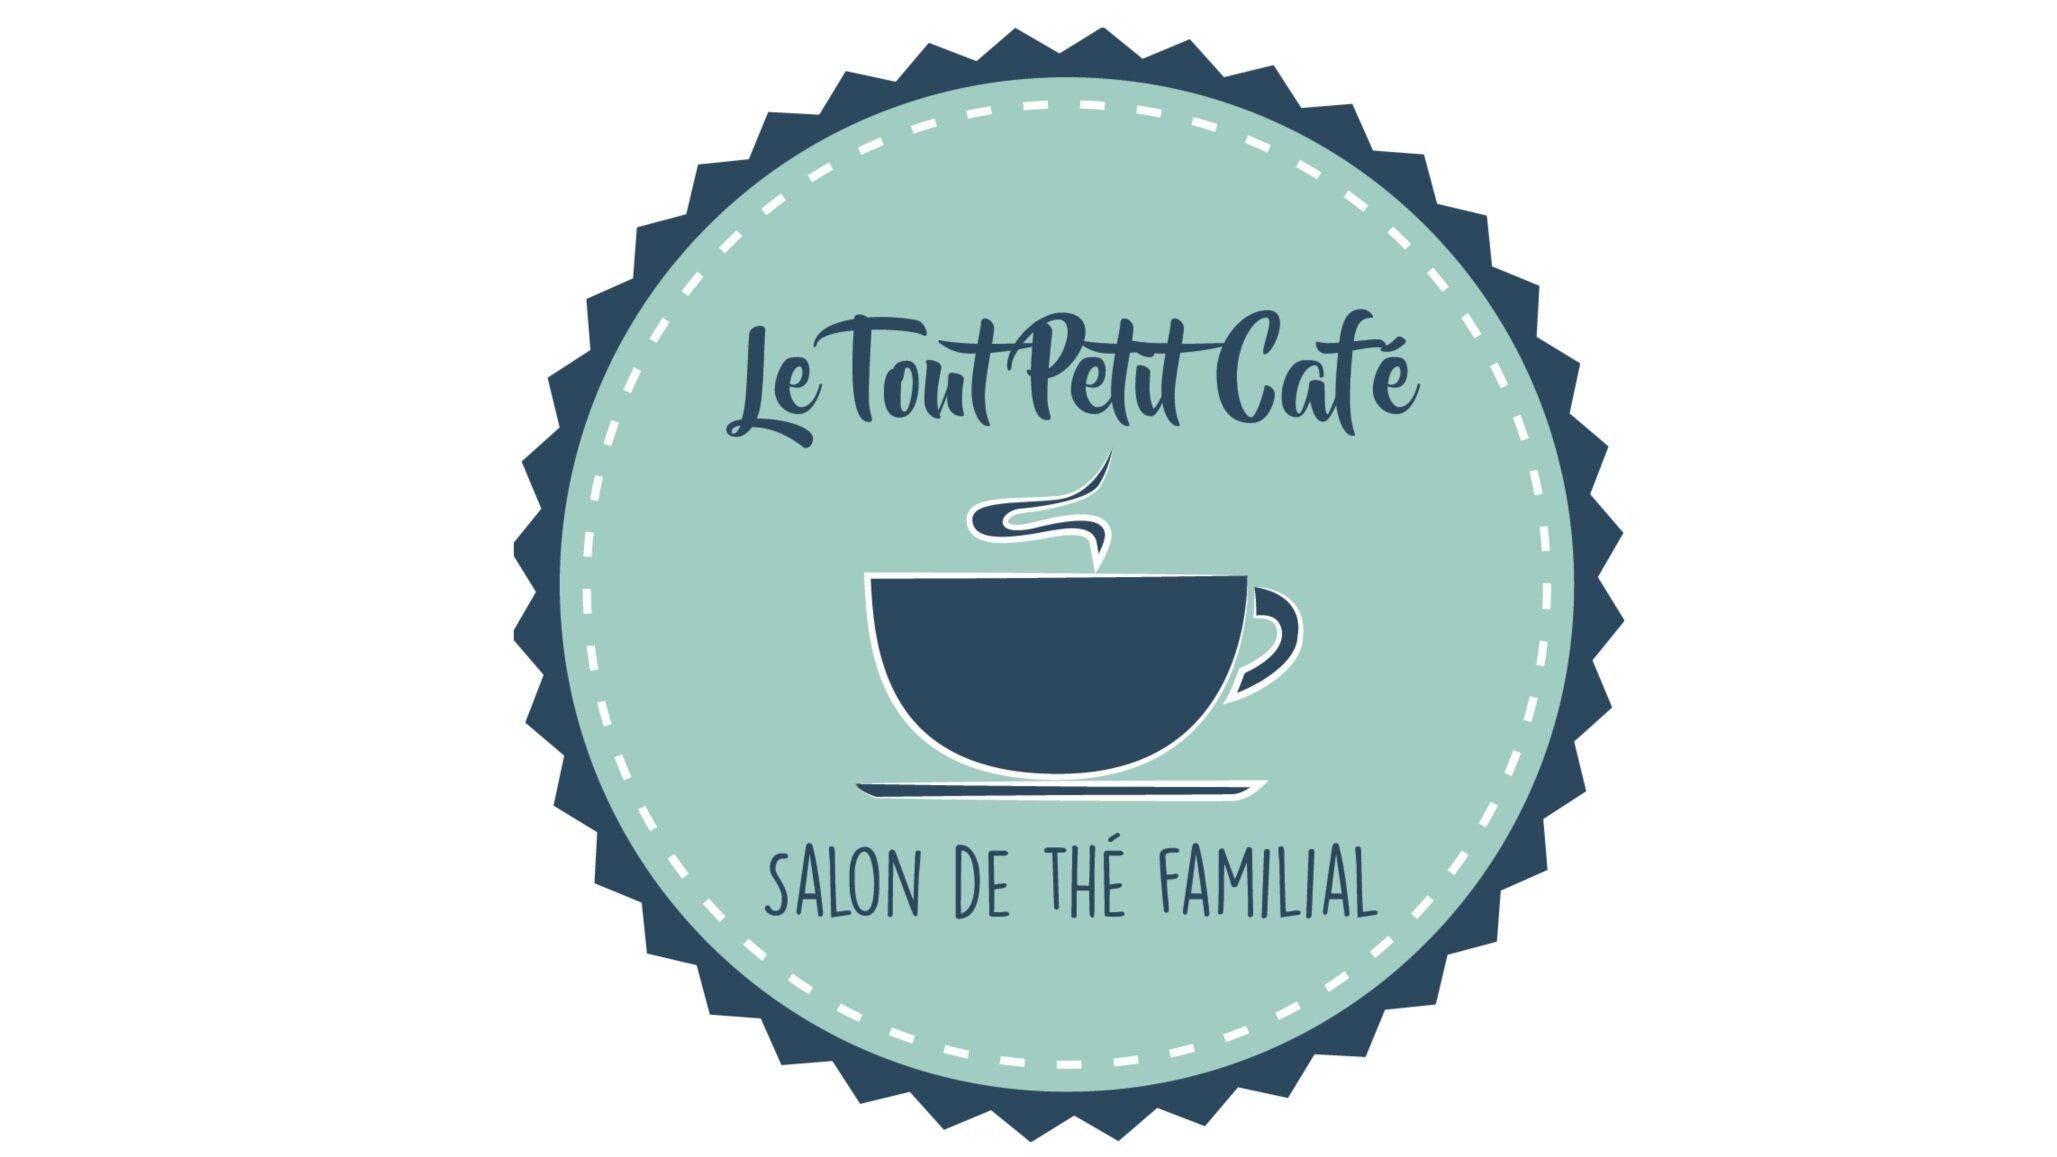 Le Tout Petit CaféCafé poussette - En savoir plus